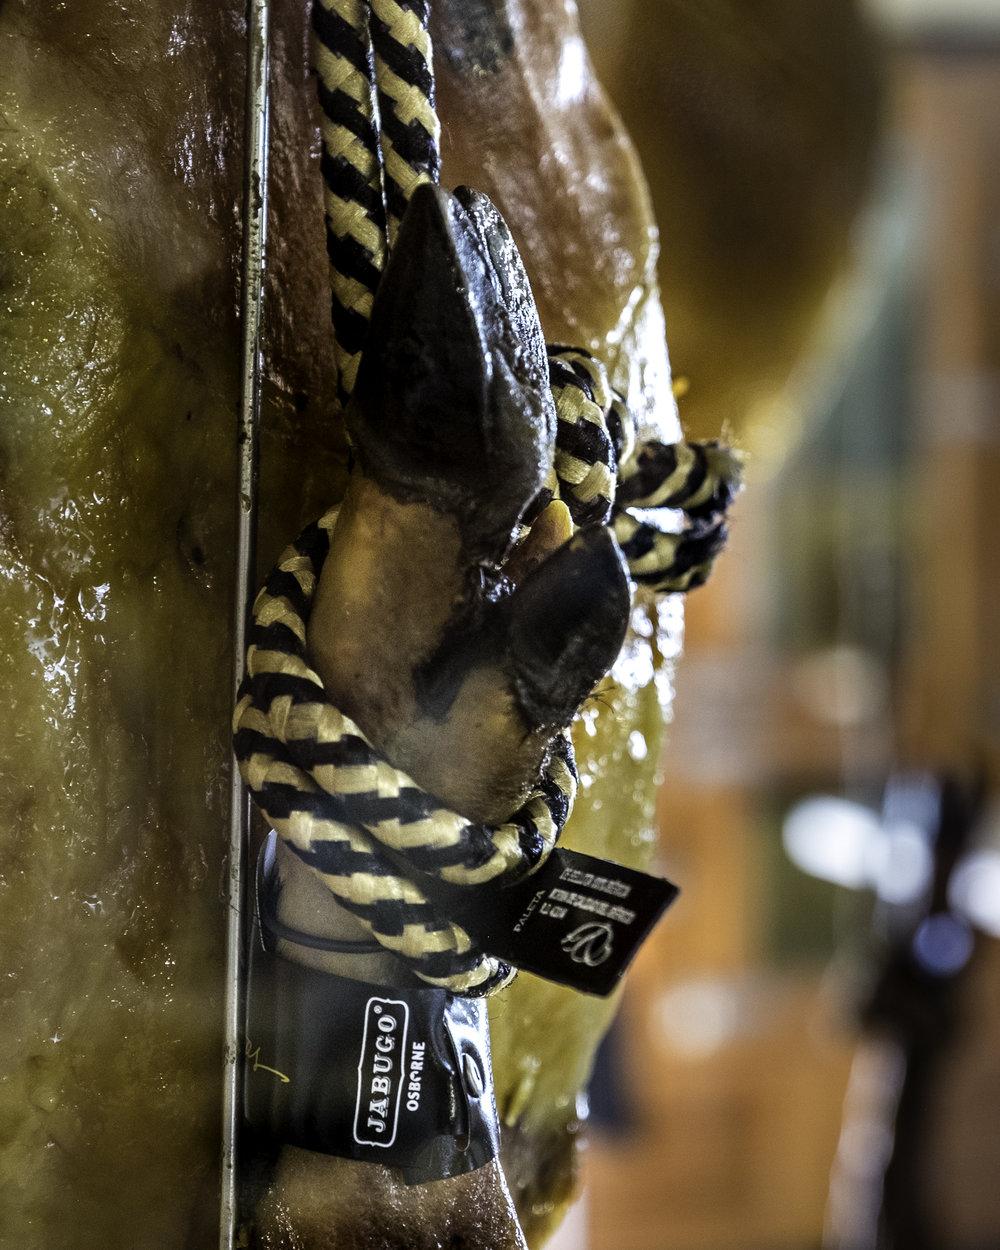 Pig's trotter - Jamon Iberico hanging, Jabugo